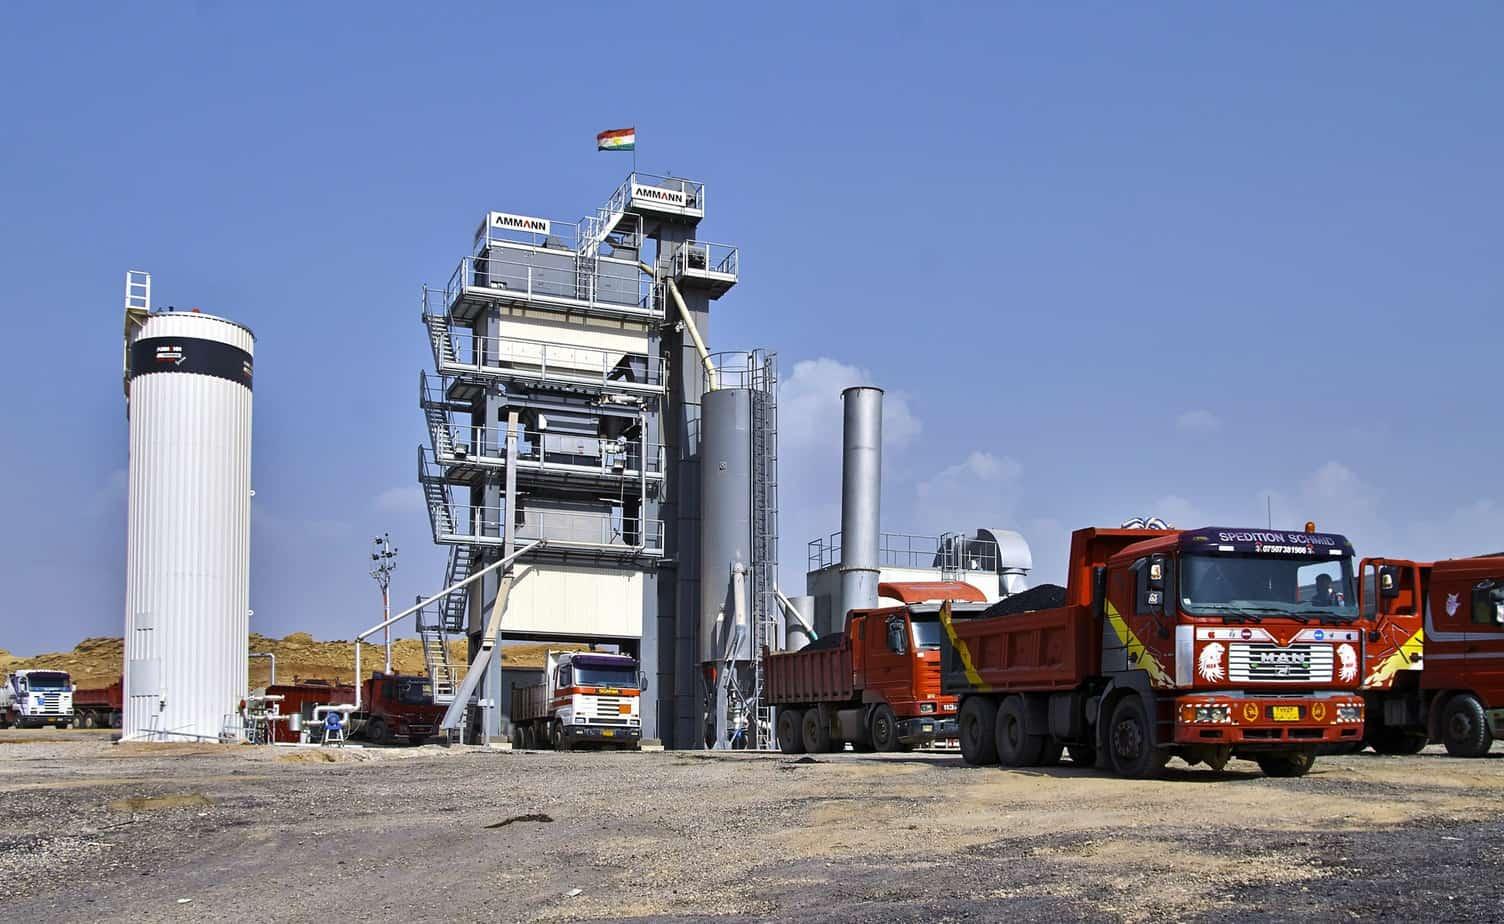 L'impianto UB 260 installato in Iraq